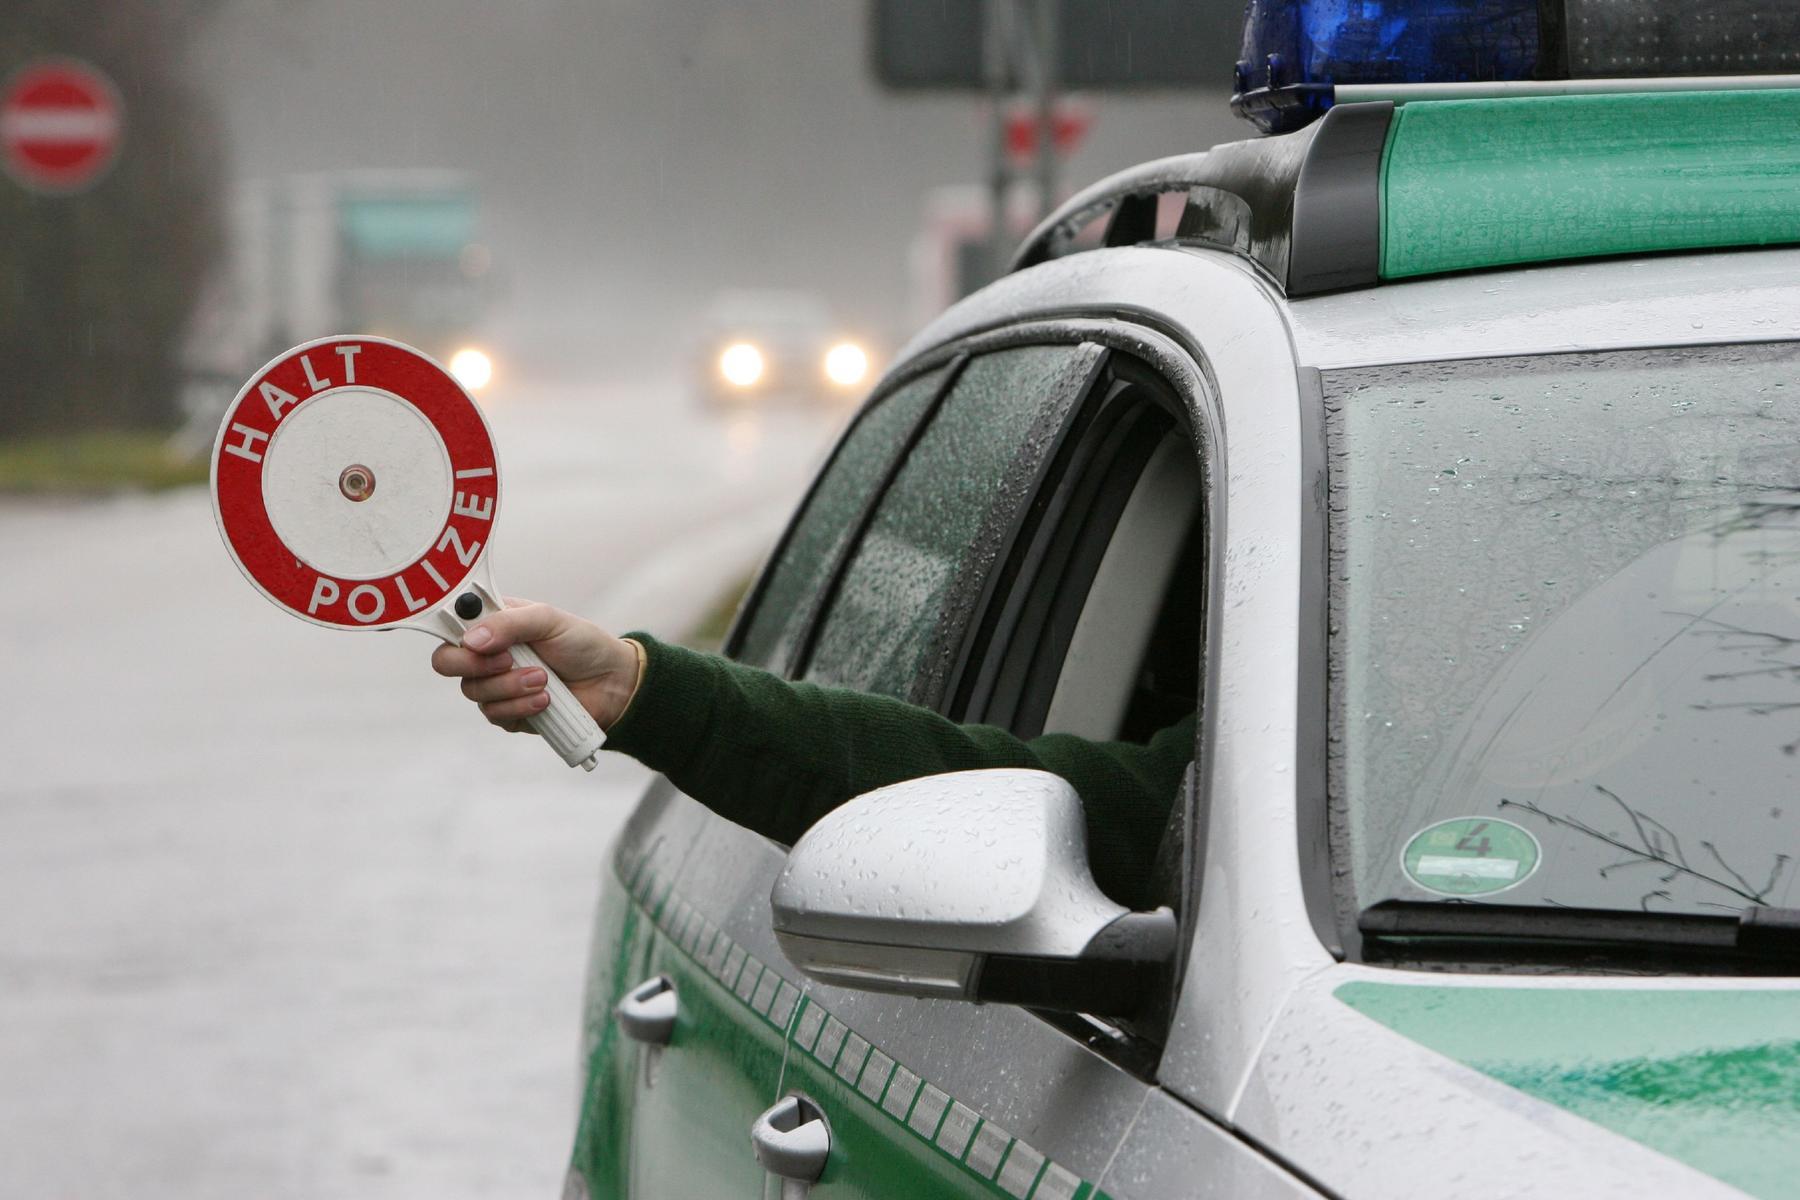 Schneller als die Polizei erlaubt